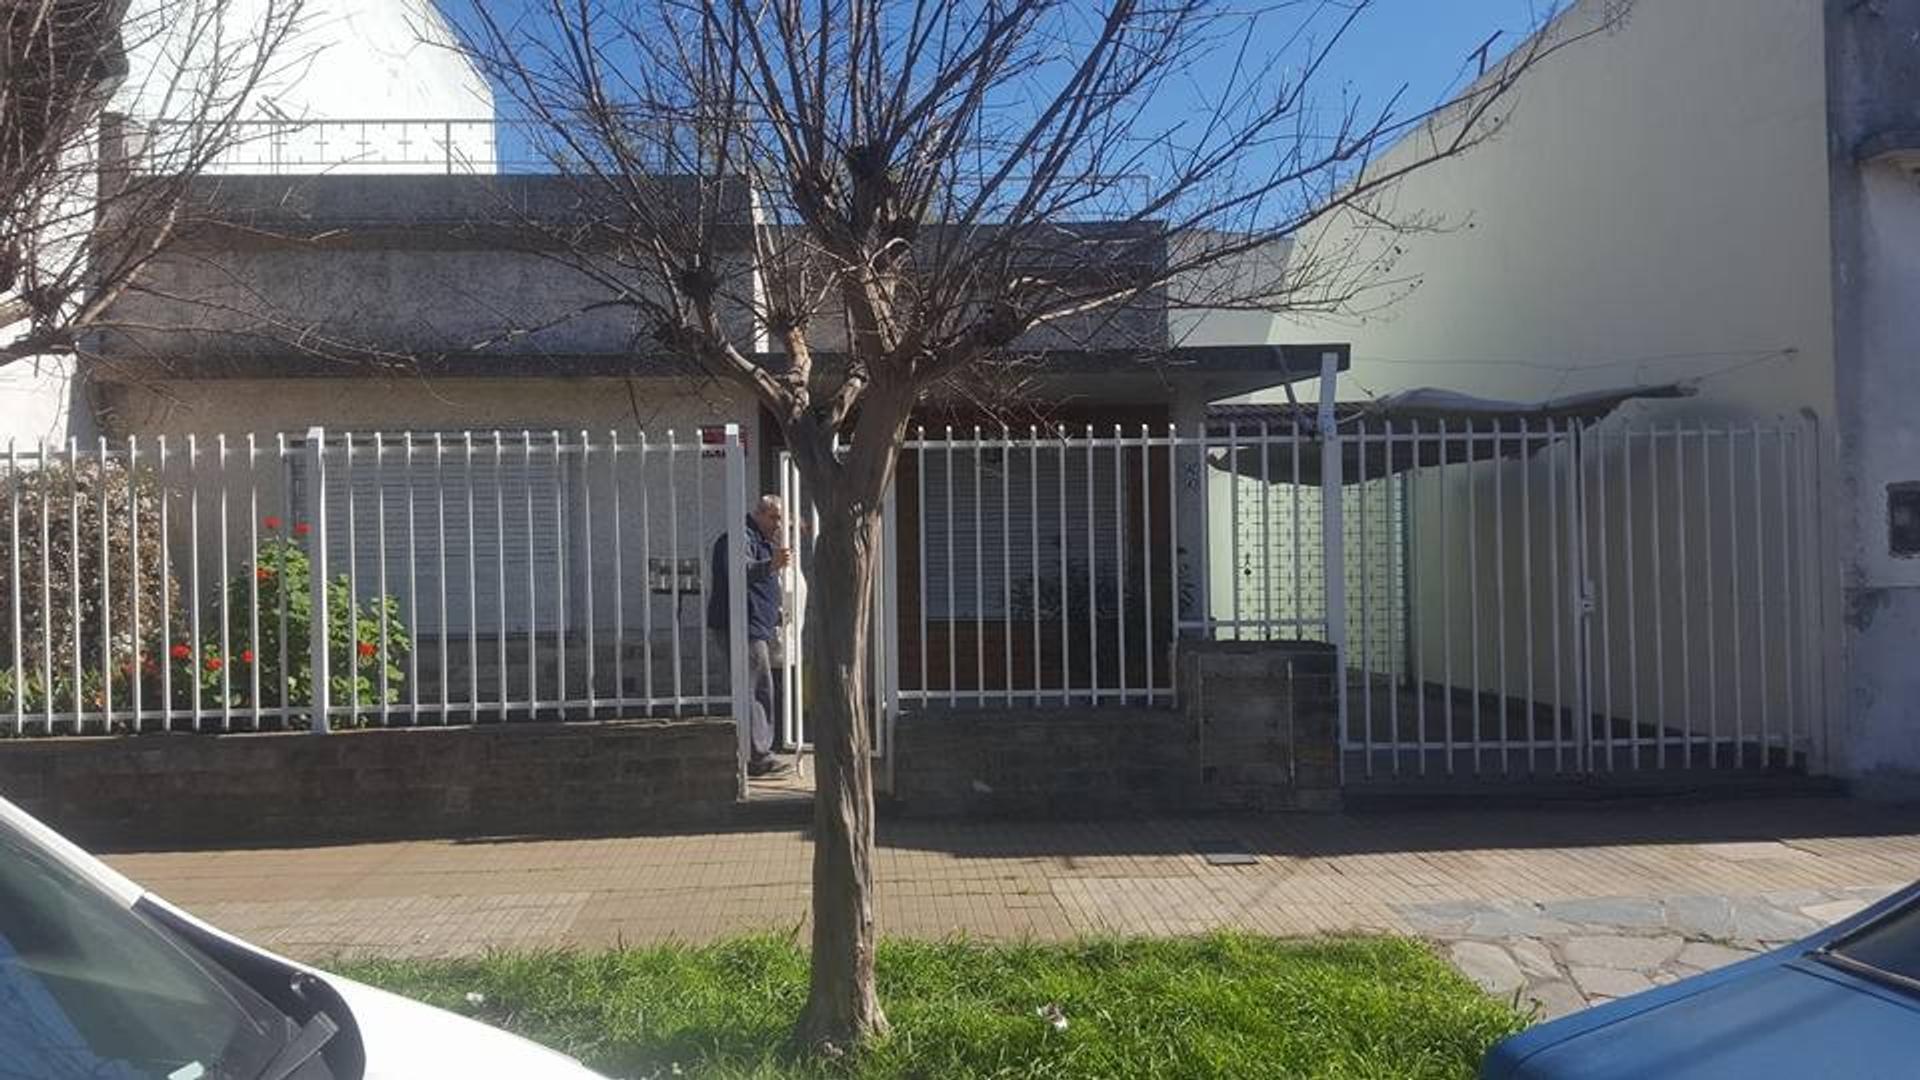 Casa De 3 Ambientes En Lote Propio, Con Jardin; Fondo Garage Y Terraza! Venta Inmd! Apta CrediTO